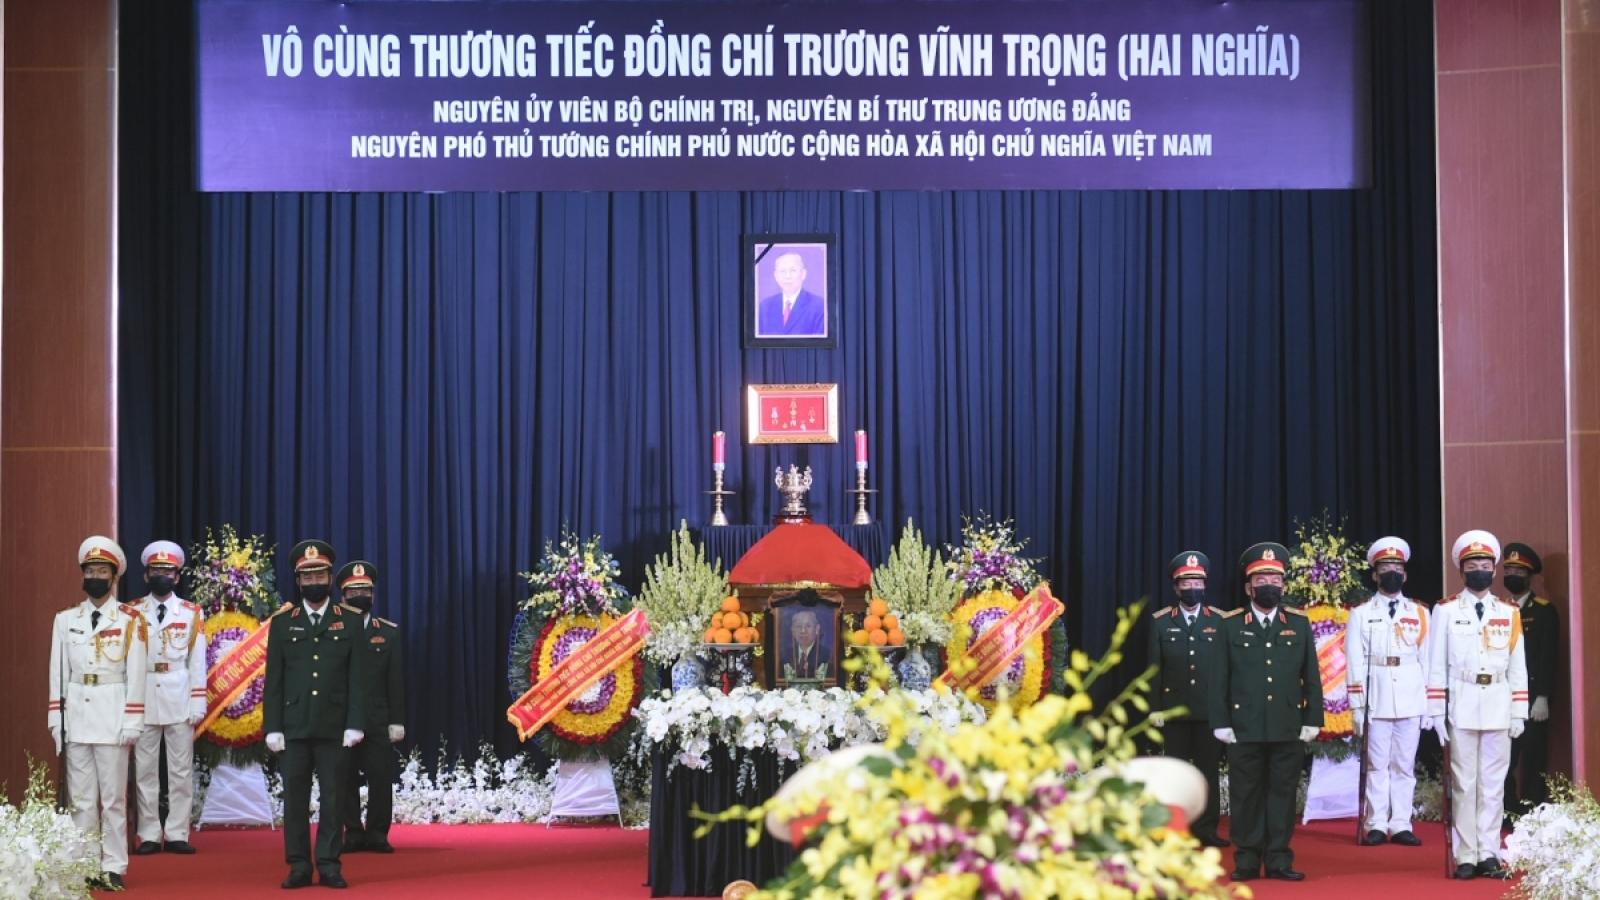 Lời cảm ơn của Ban Lễ tang và gia đình nguyên Phó Thủ tướng Trương Vĩnh Trọng